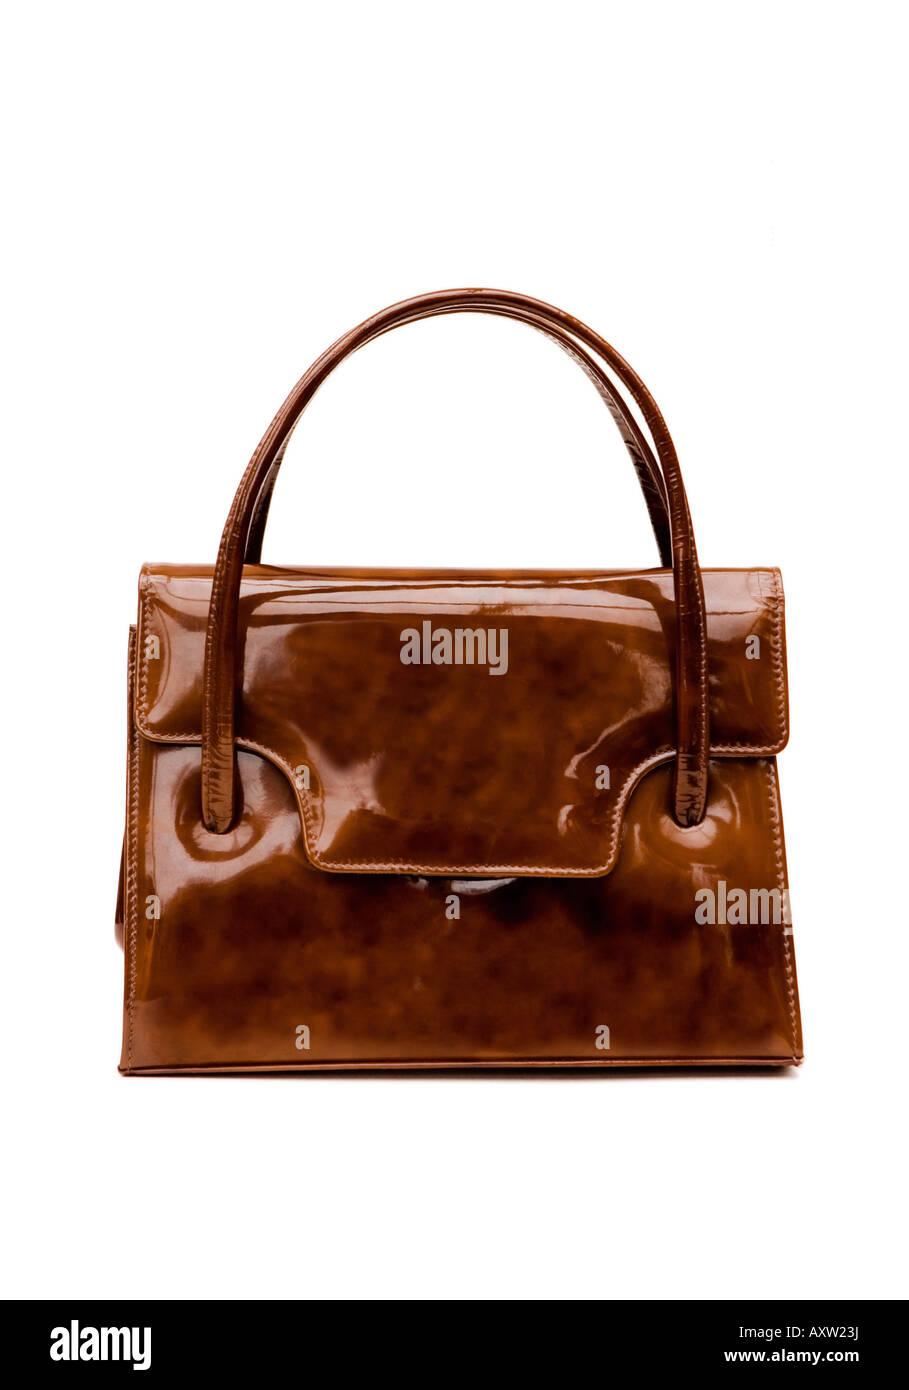 0ff171da36d8d Patent Handtasche Stockfotos   Patent Handtasche Bilder - Alamy